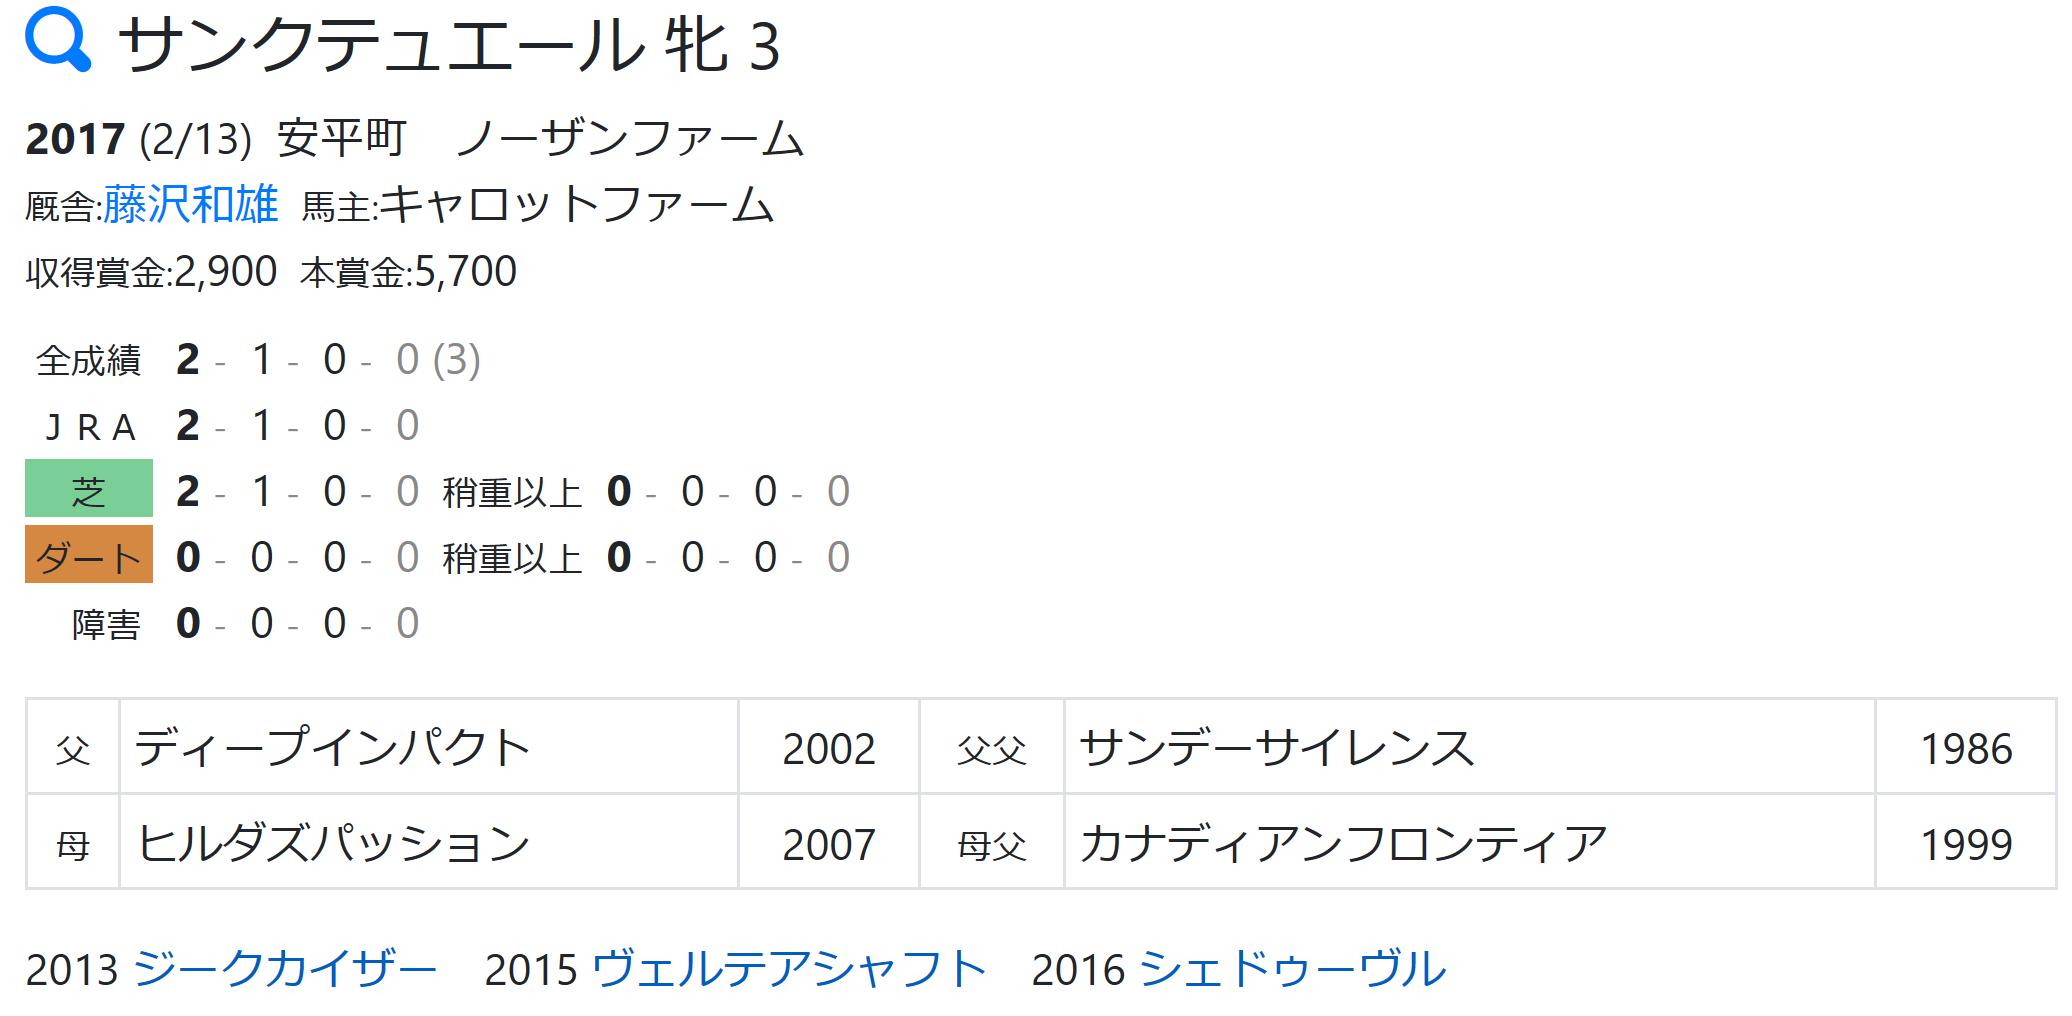 馬 桜花 賞 登録